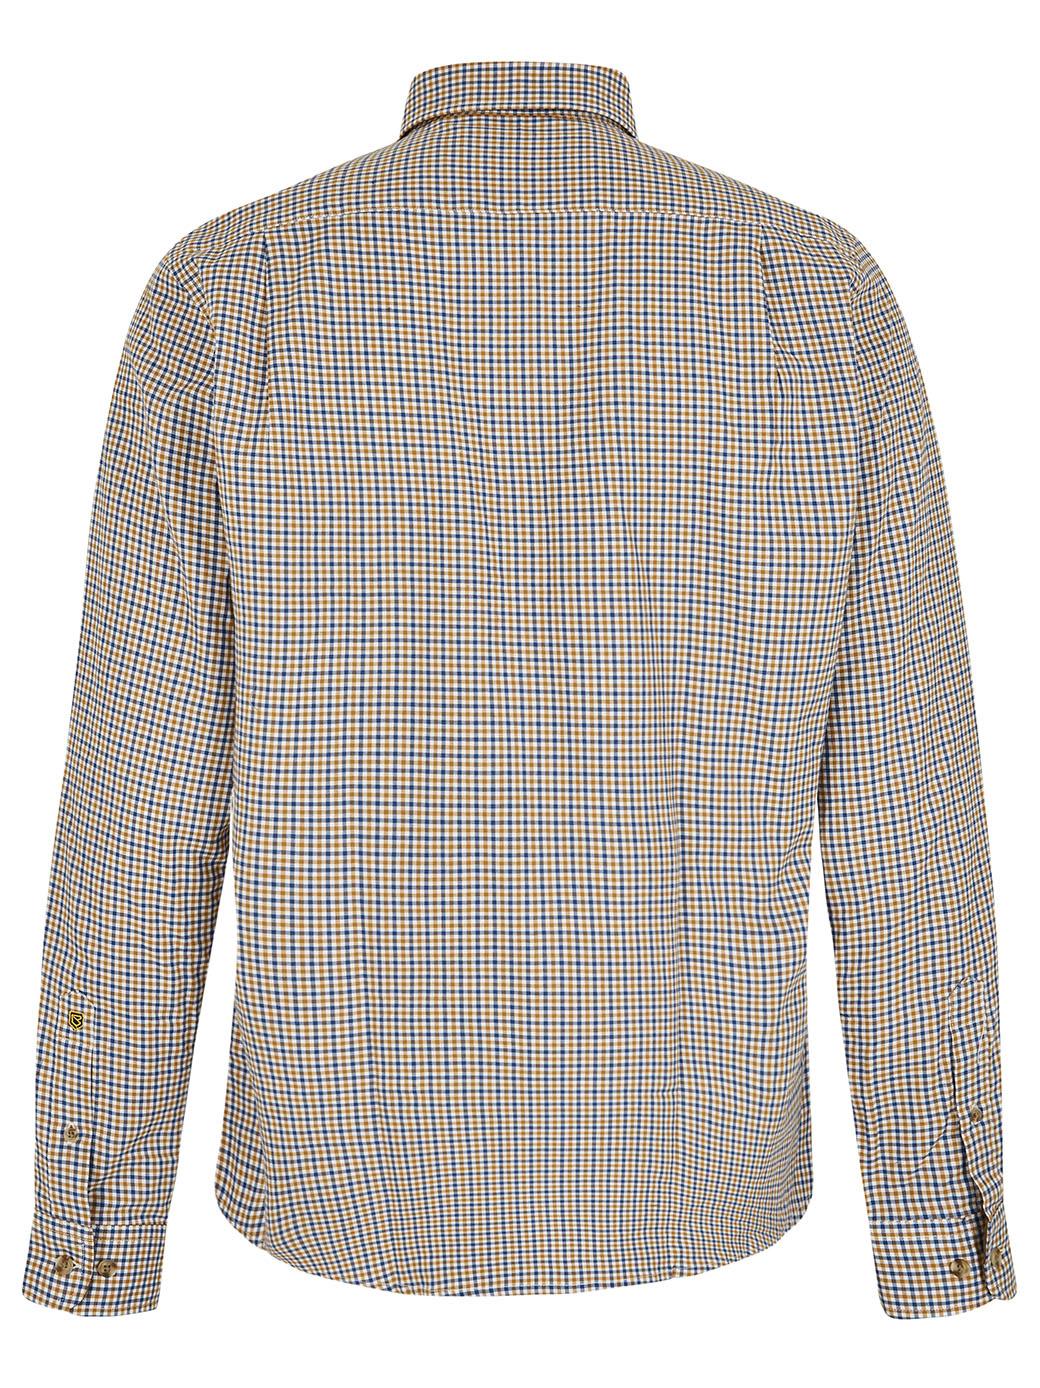 Dubarry Shrewsbury Katoenen Shirt - Amber-5